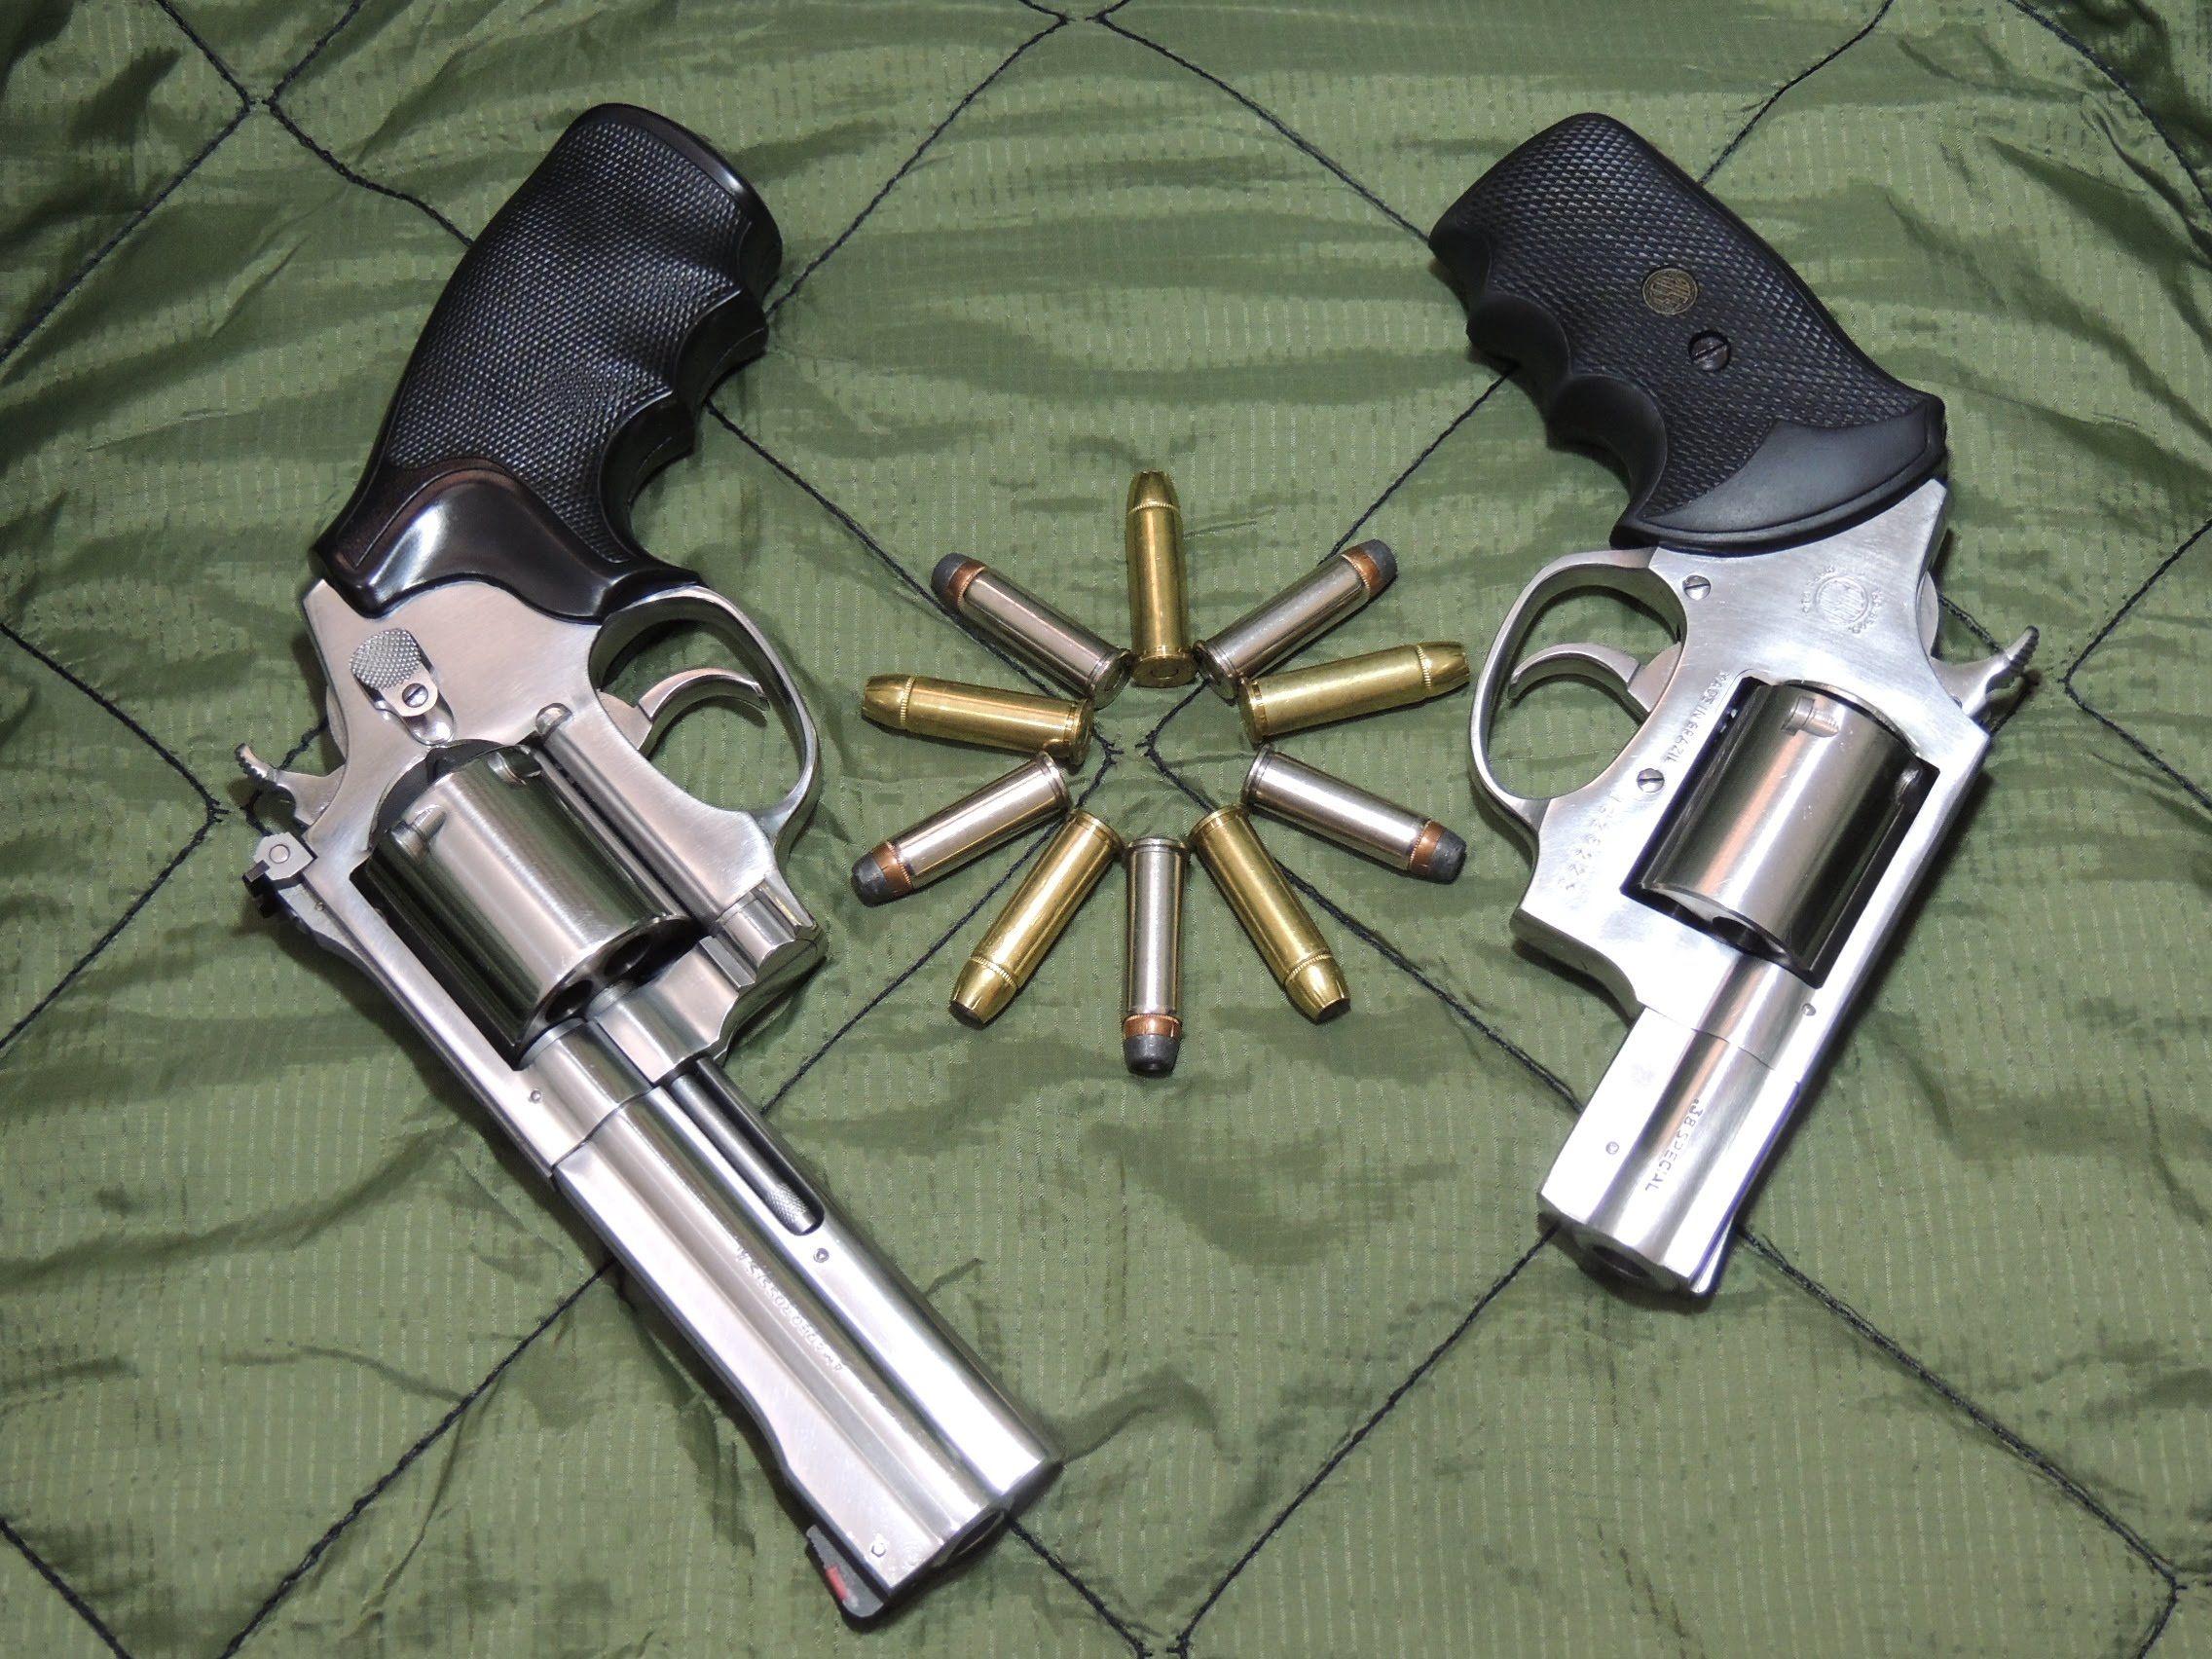 Revolver Rossi Mod 718 Calibre 38 Tambor Liso Pistolas